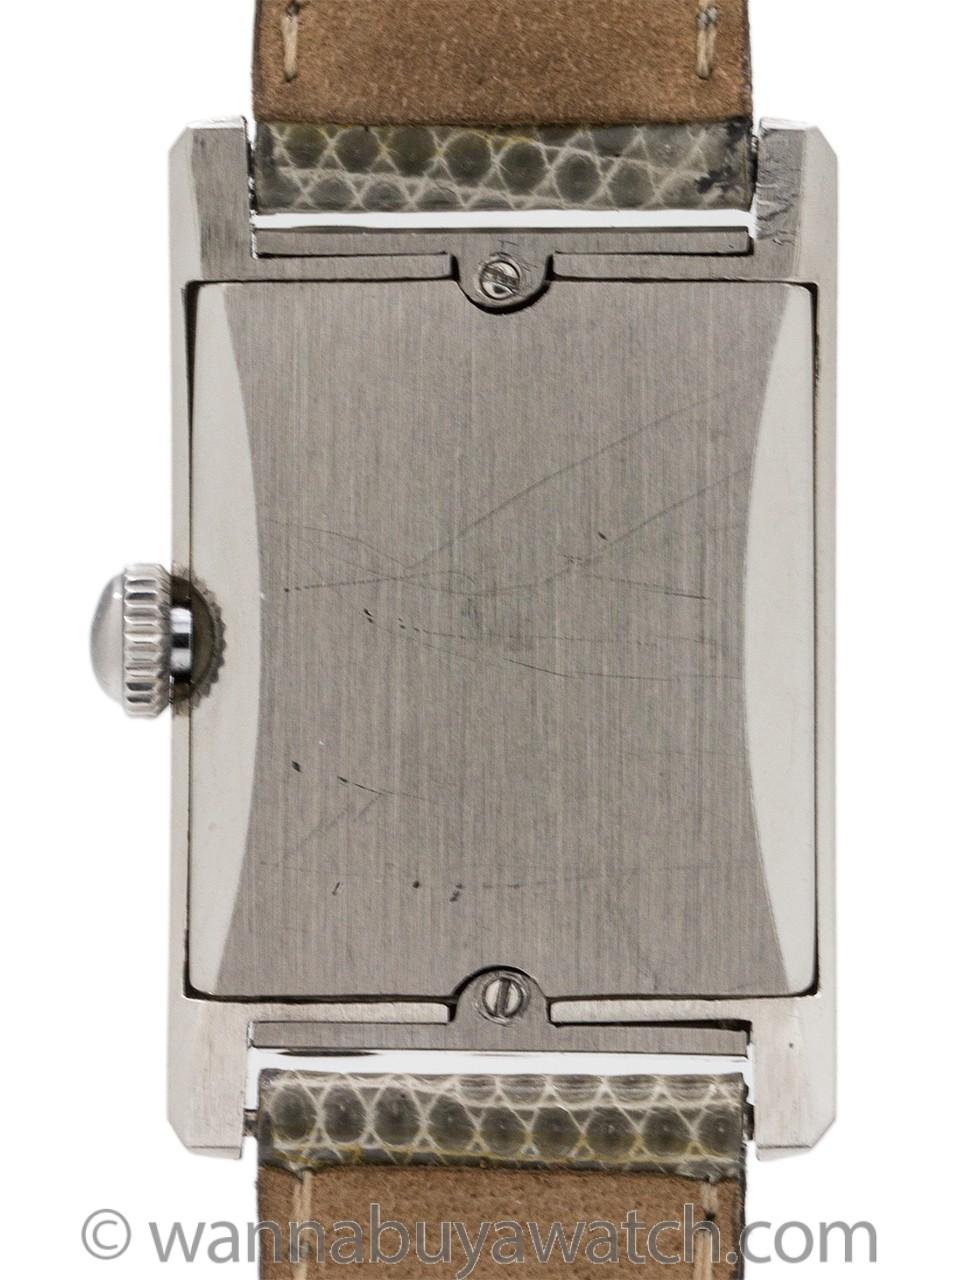 Wyler Incaflex Stainless Steel Circa 1940's